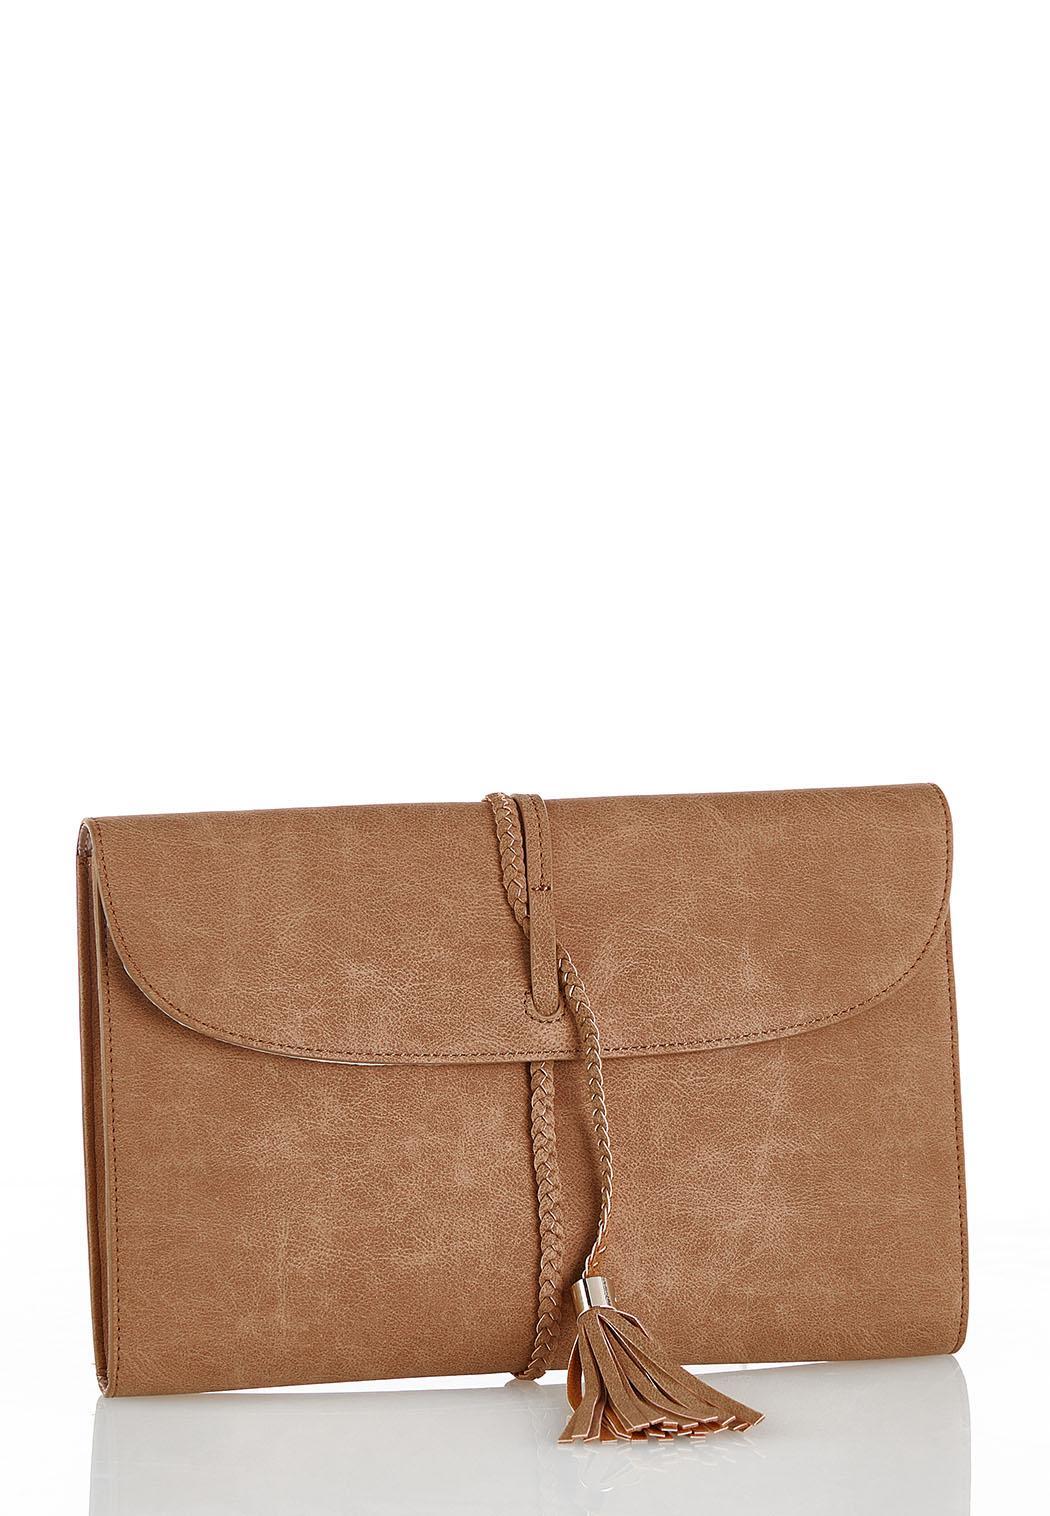 Braid Strap Tassel Clutch